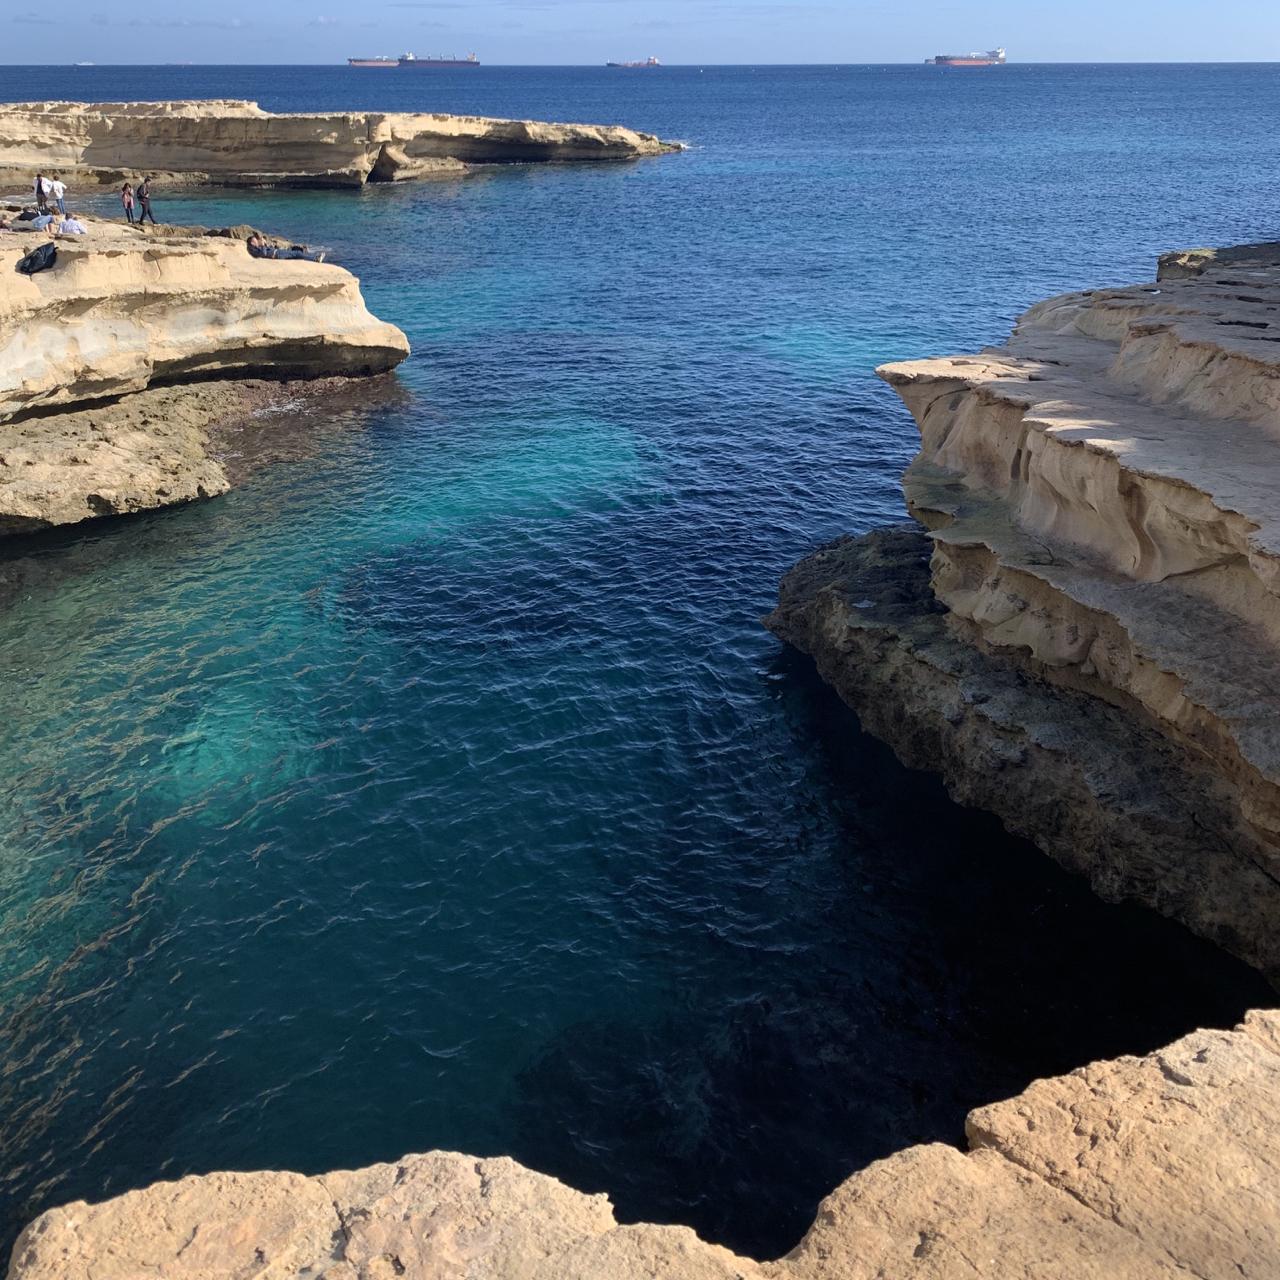 Marsaxlokk, Malta - 11